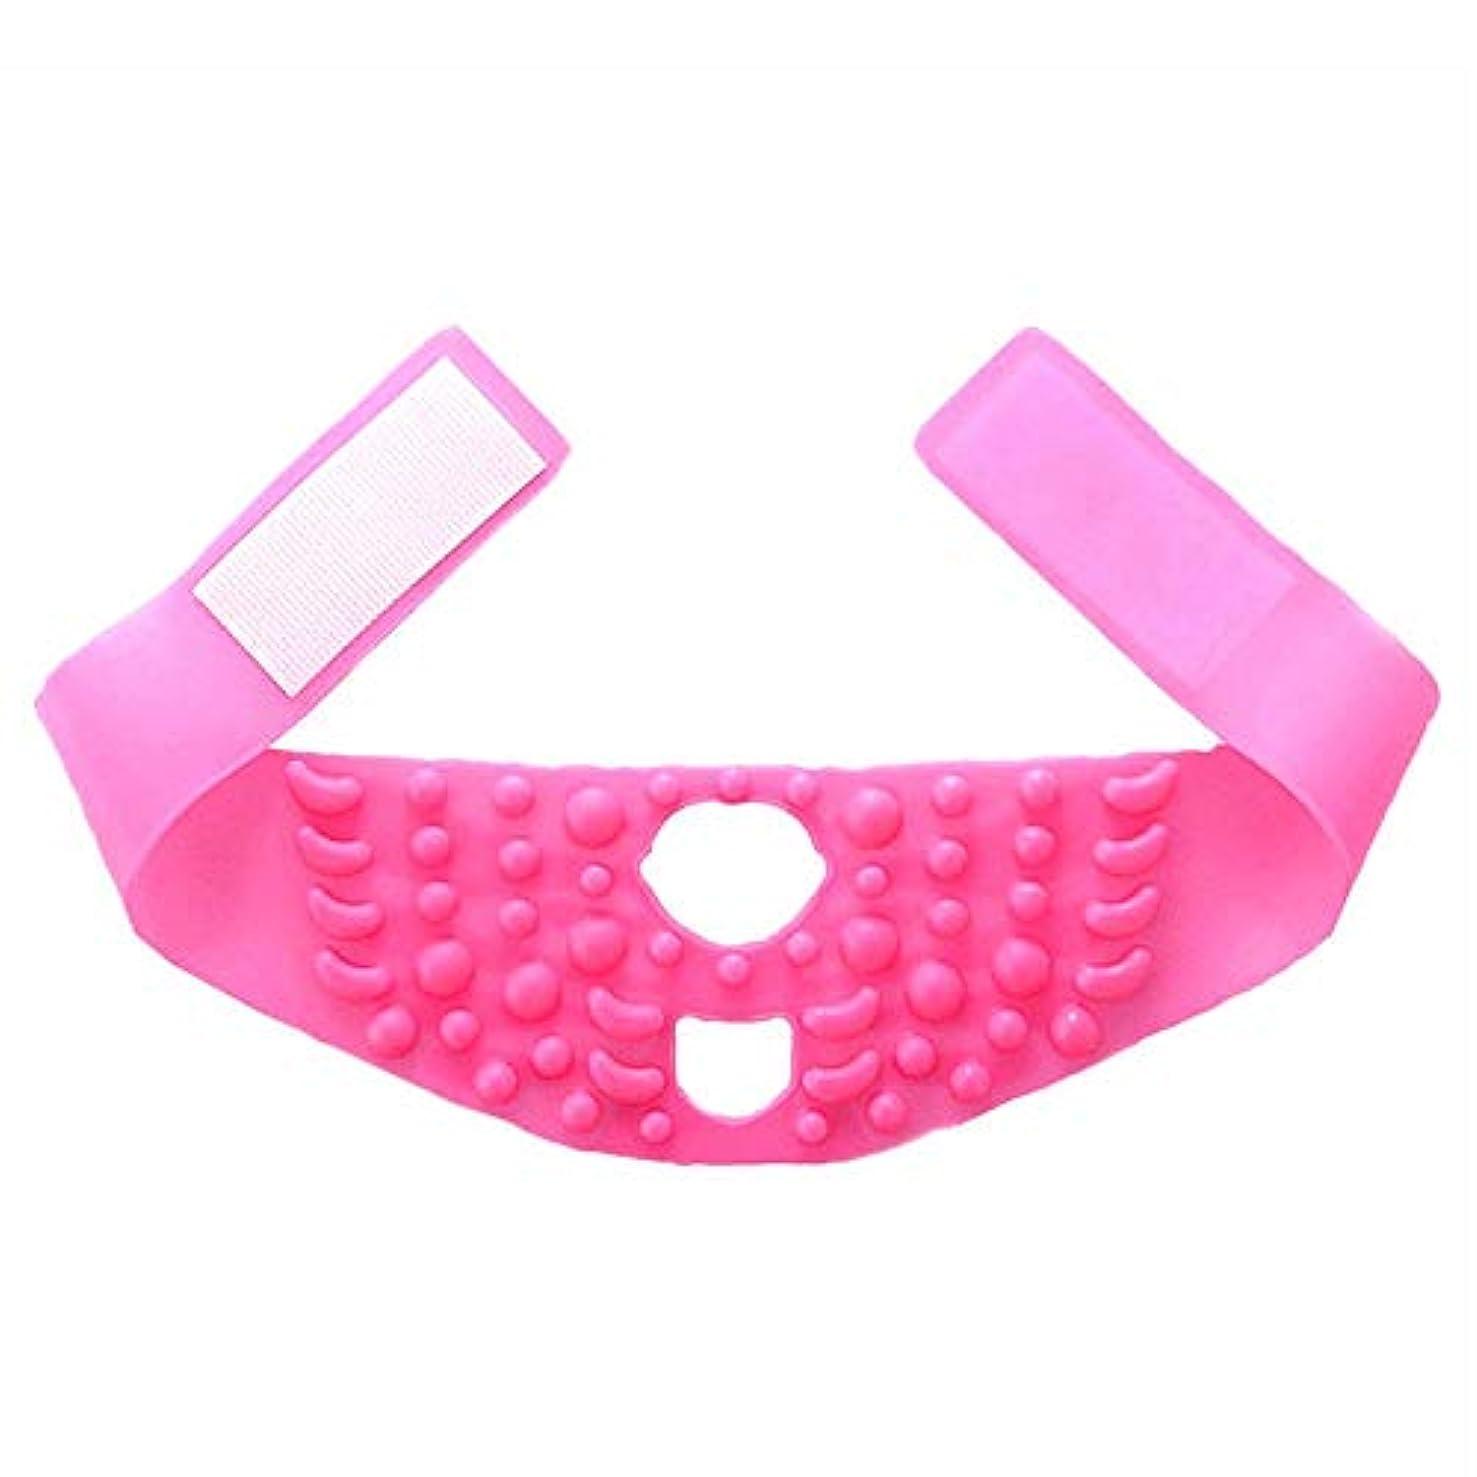 高揚した社会主義好奇心シンフェイスマスクシリコーンマッサージ引き締まった形の小さなVフェイスリフティングに薄いフェイスアーティファクト包帯を飾る - ピンク